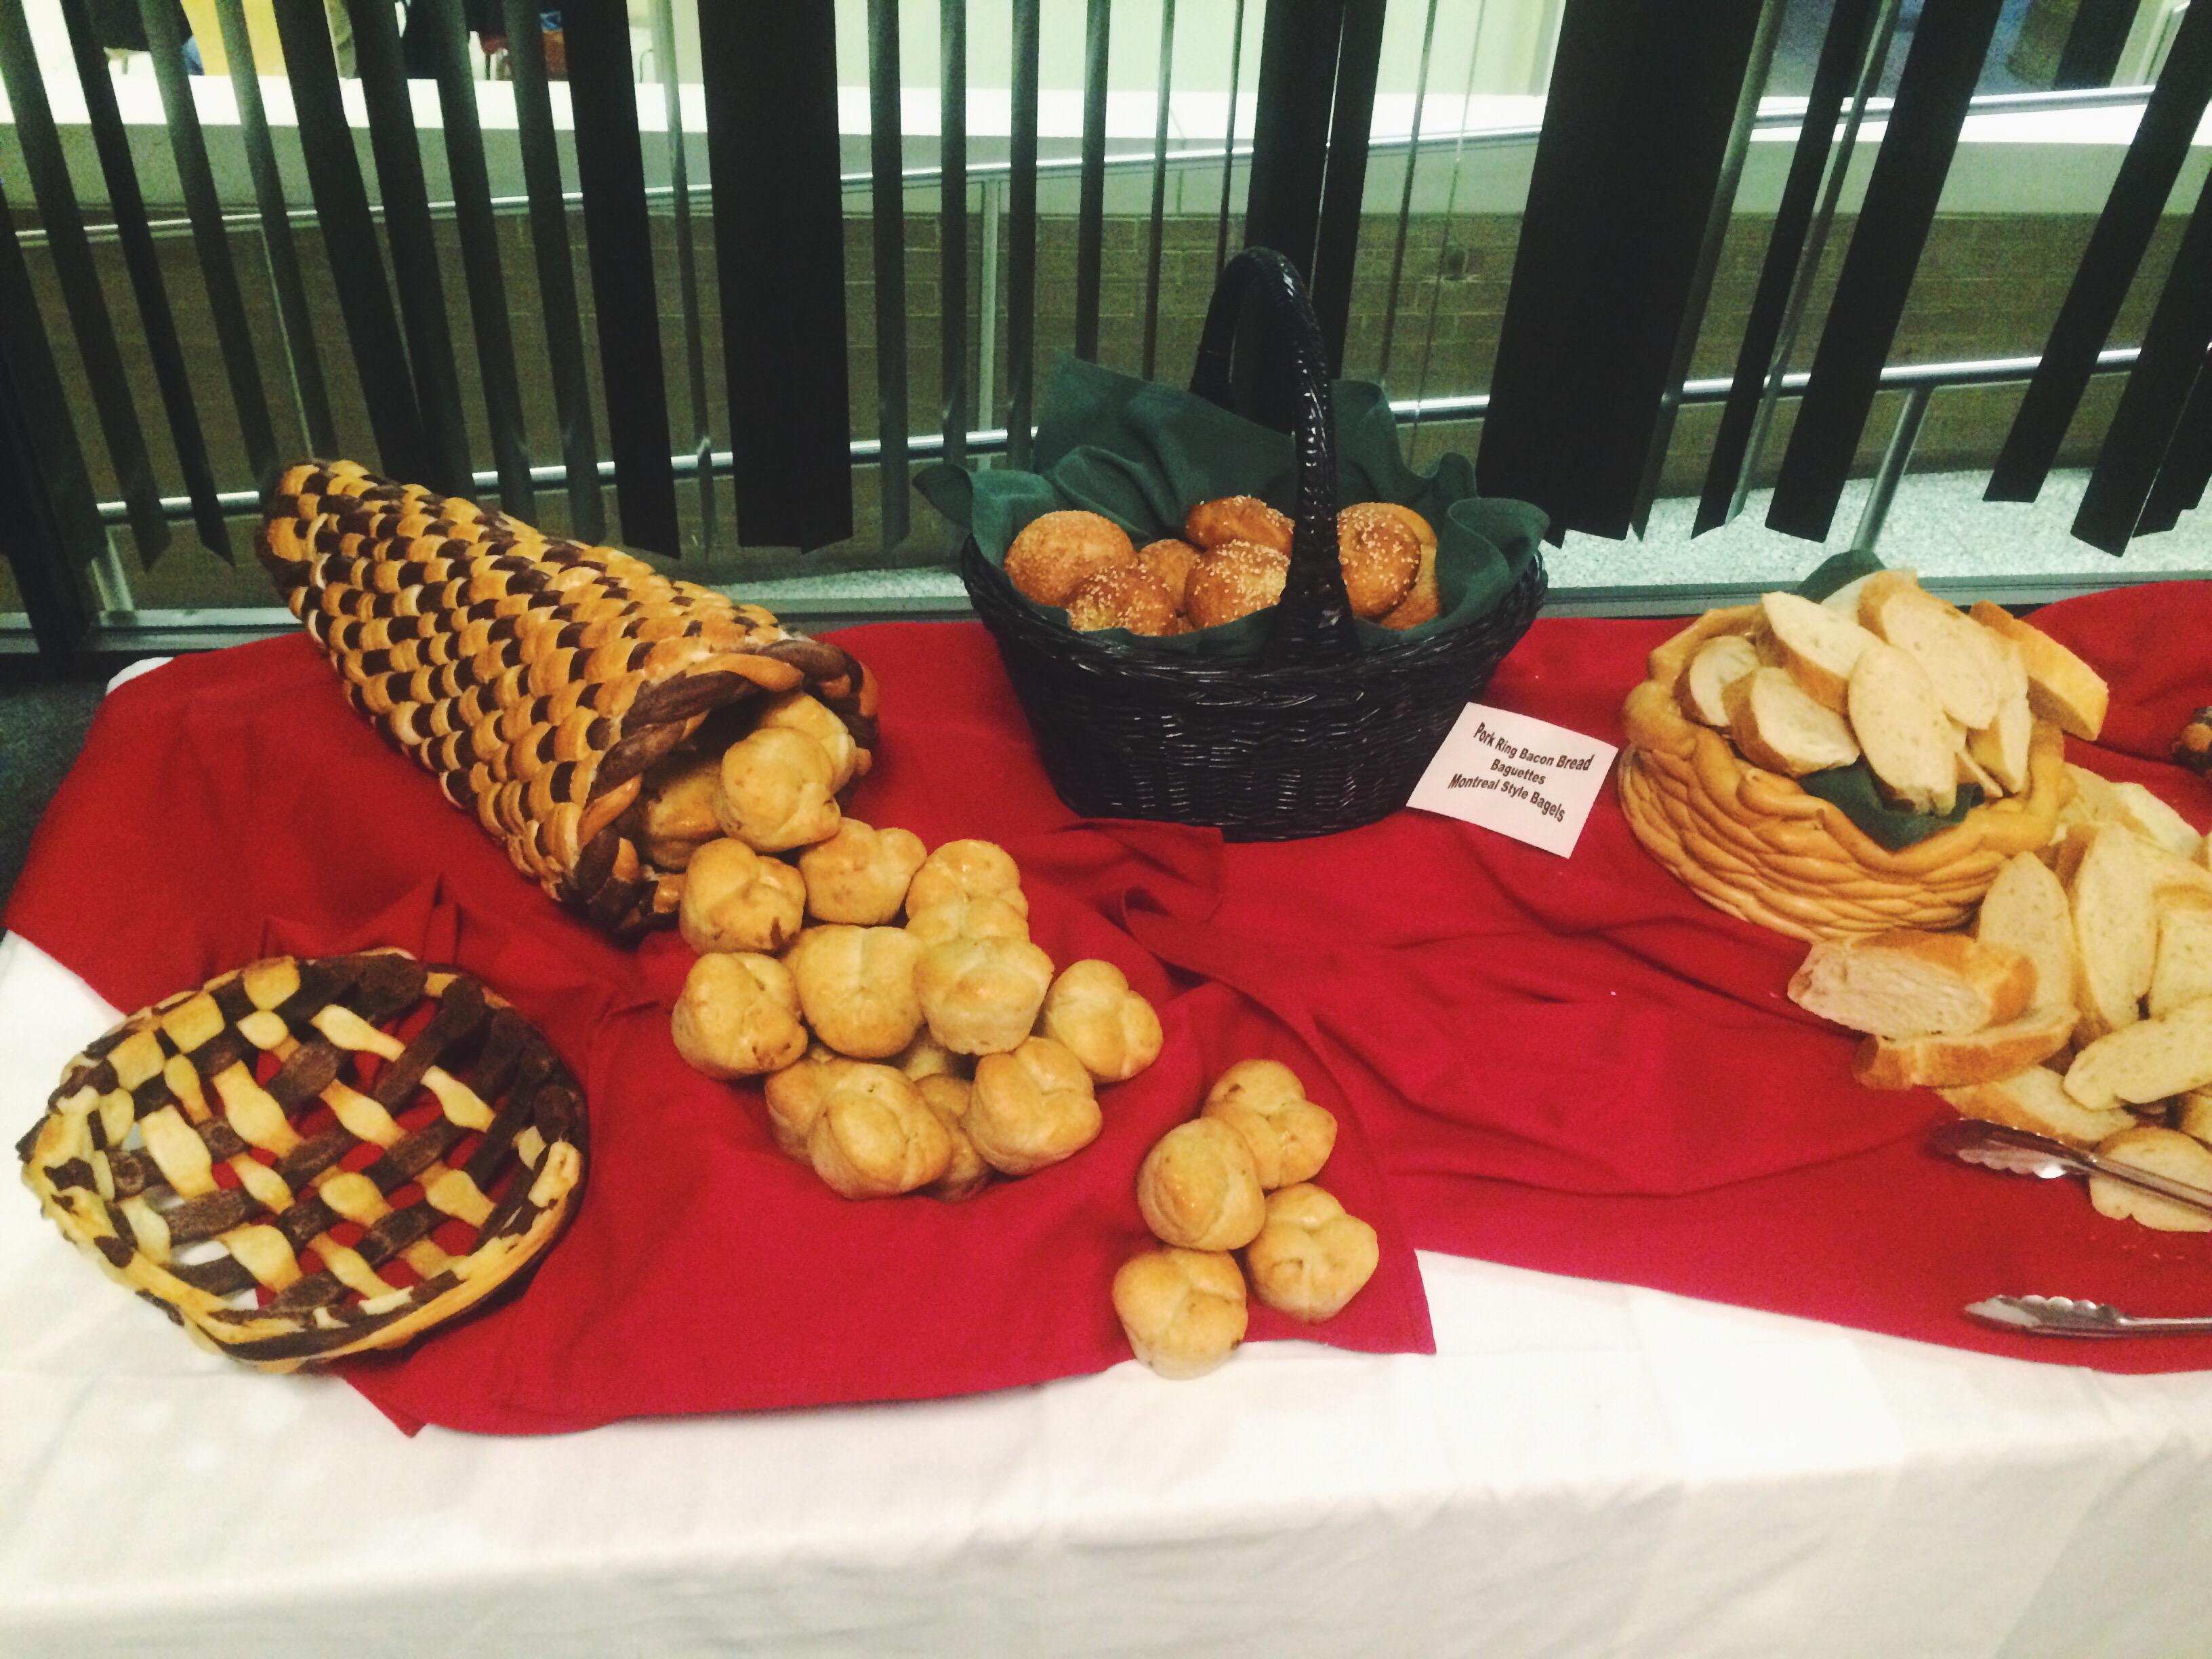 British Columbia: Breads